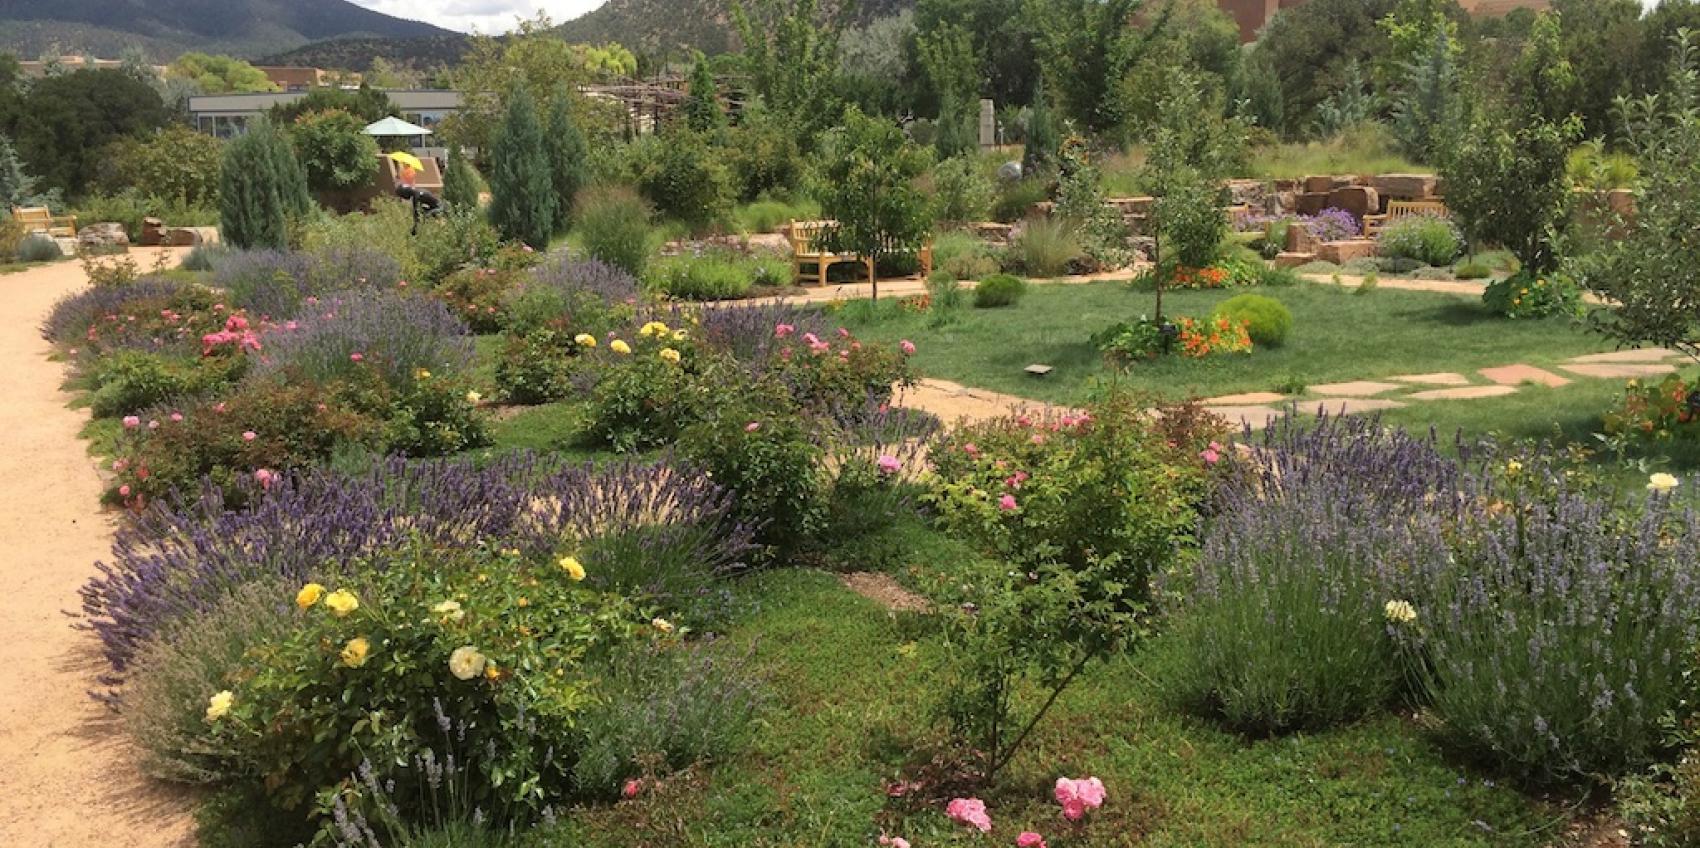 Santa Fe Botanical Garden American Public Gardens Association